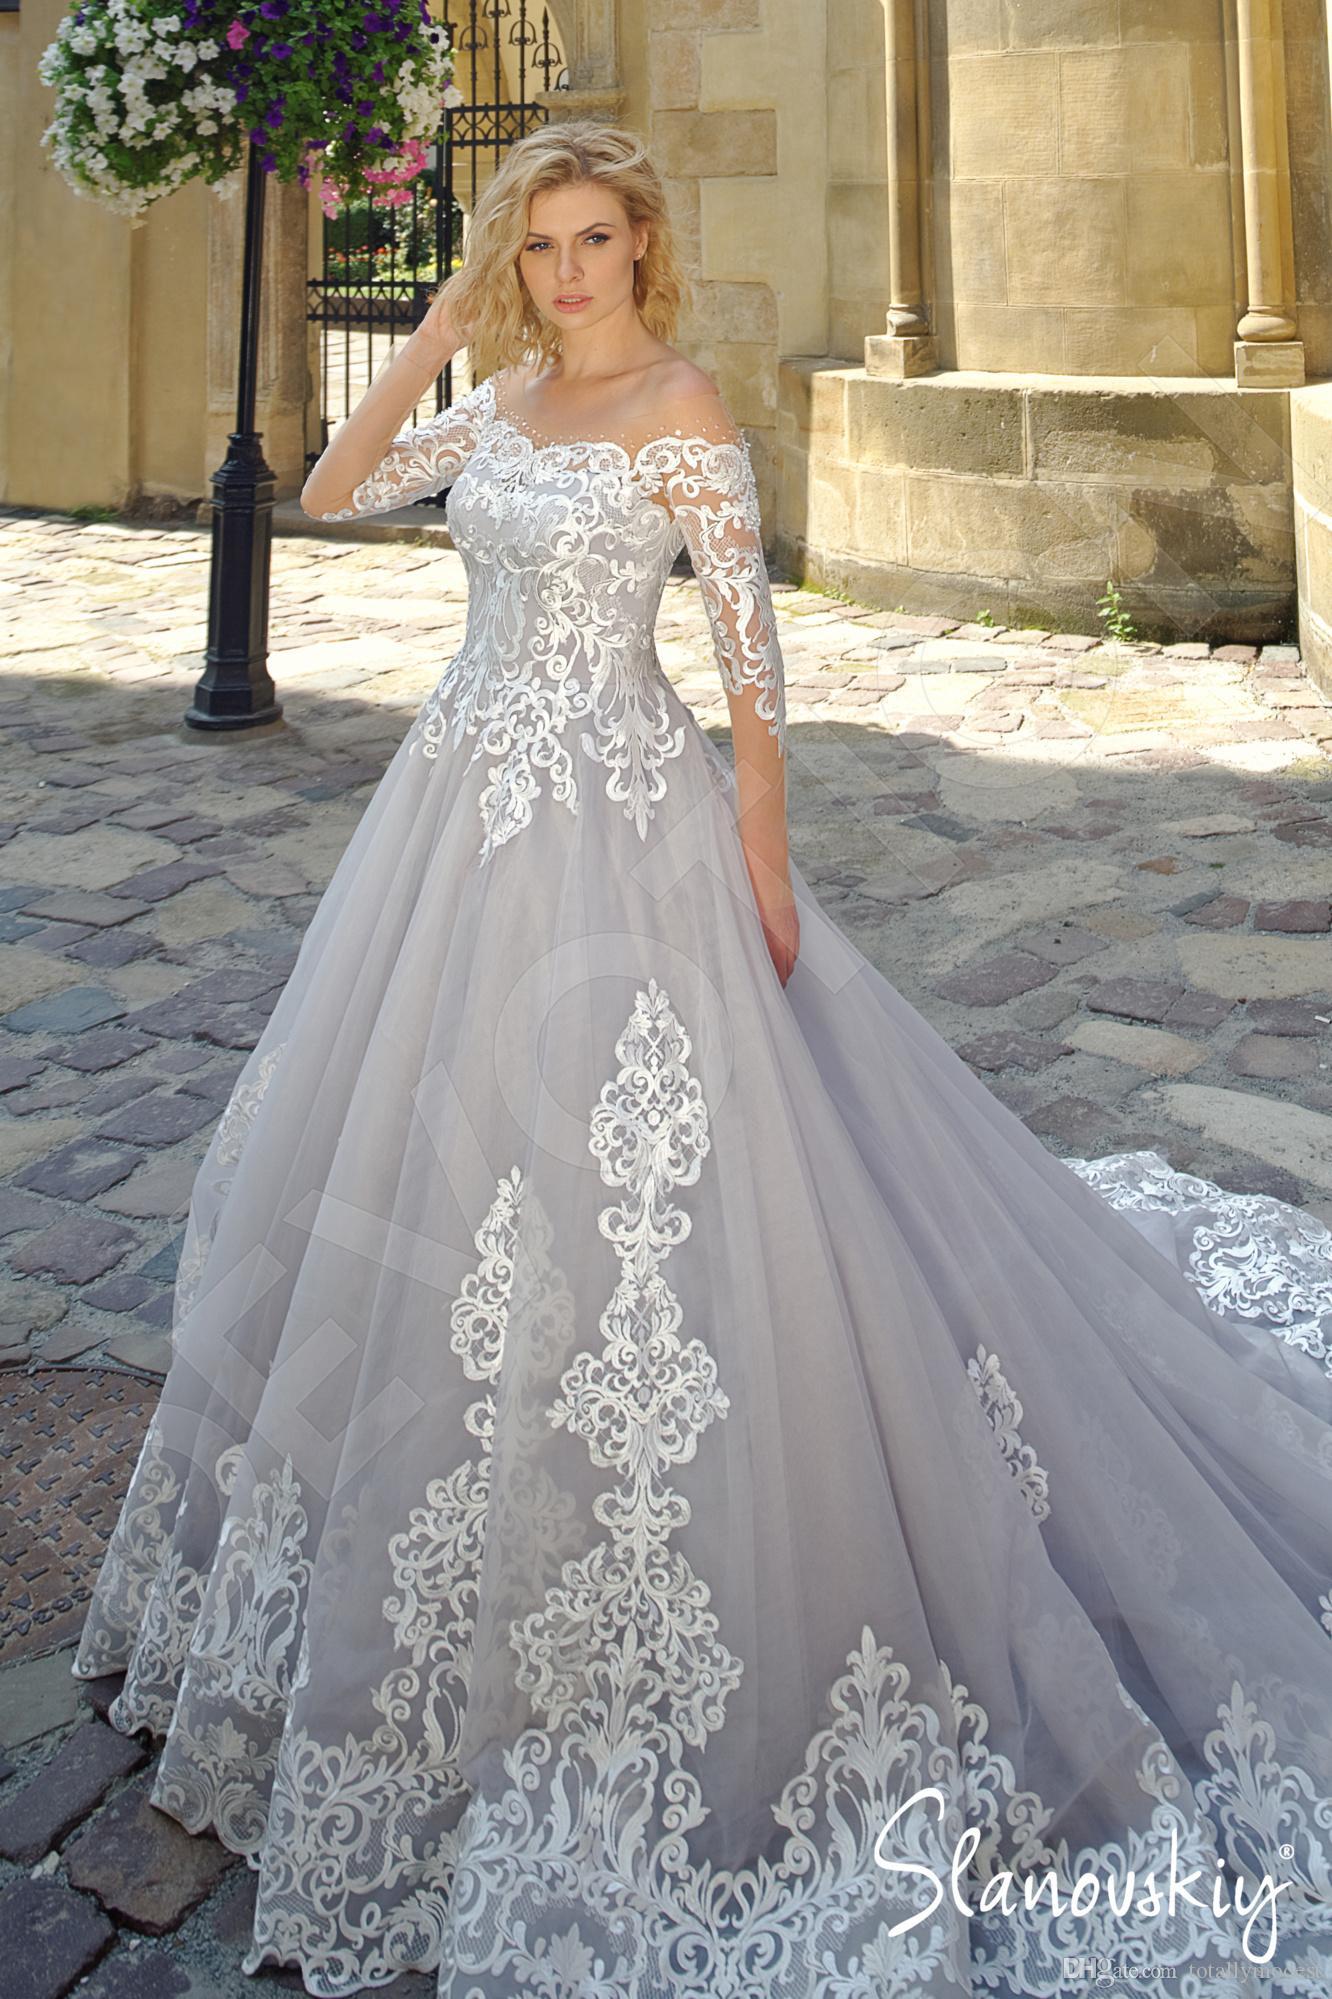 Silber- und Elfenbein Brautkleider mit langen Ärmeln 2020 Neue Maßgeschneiderte Sheer Illusion Top Vintage Farbige Brautkleider Nicht weiß